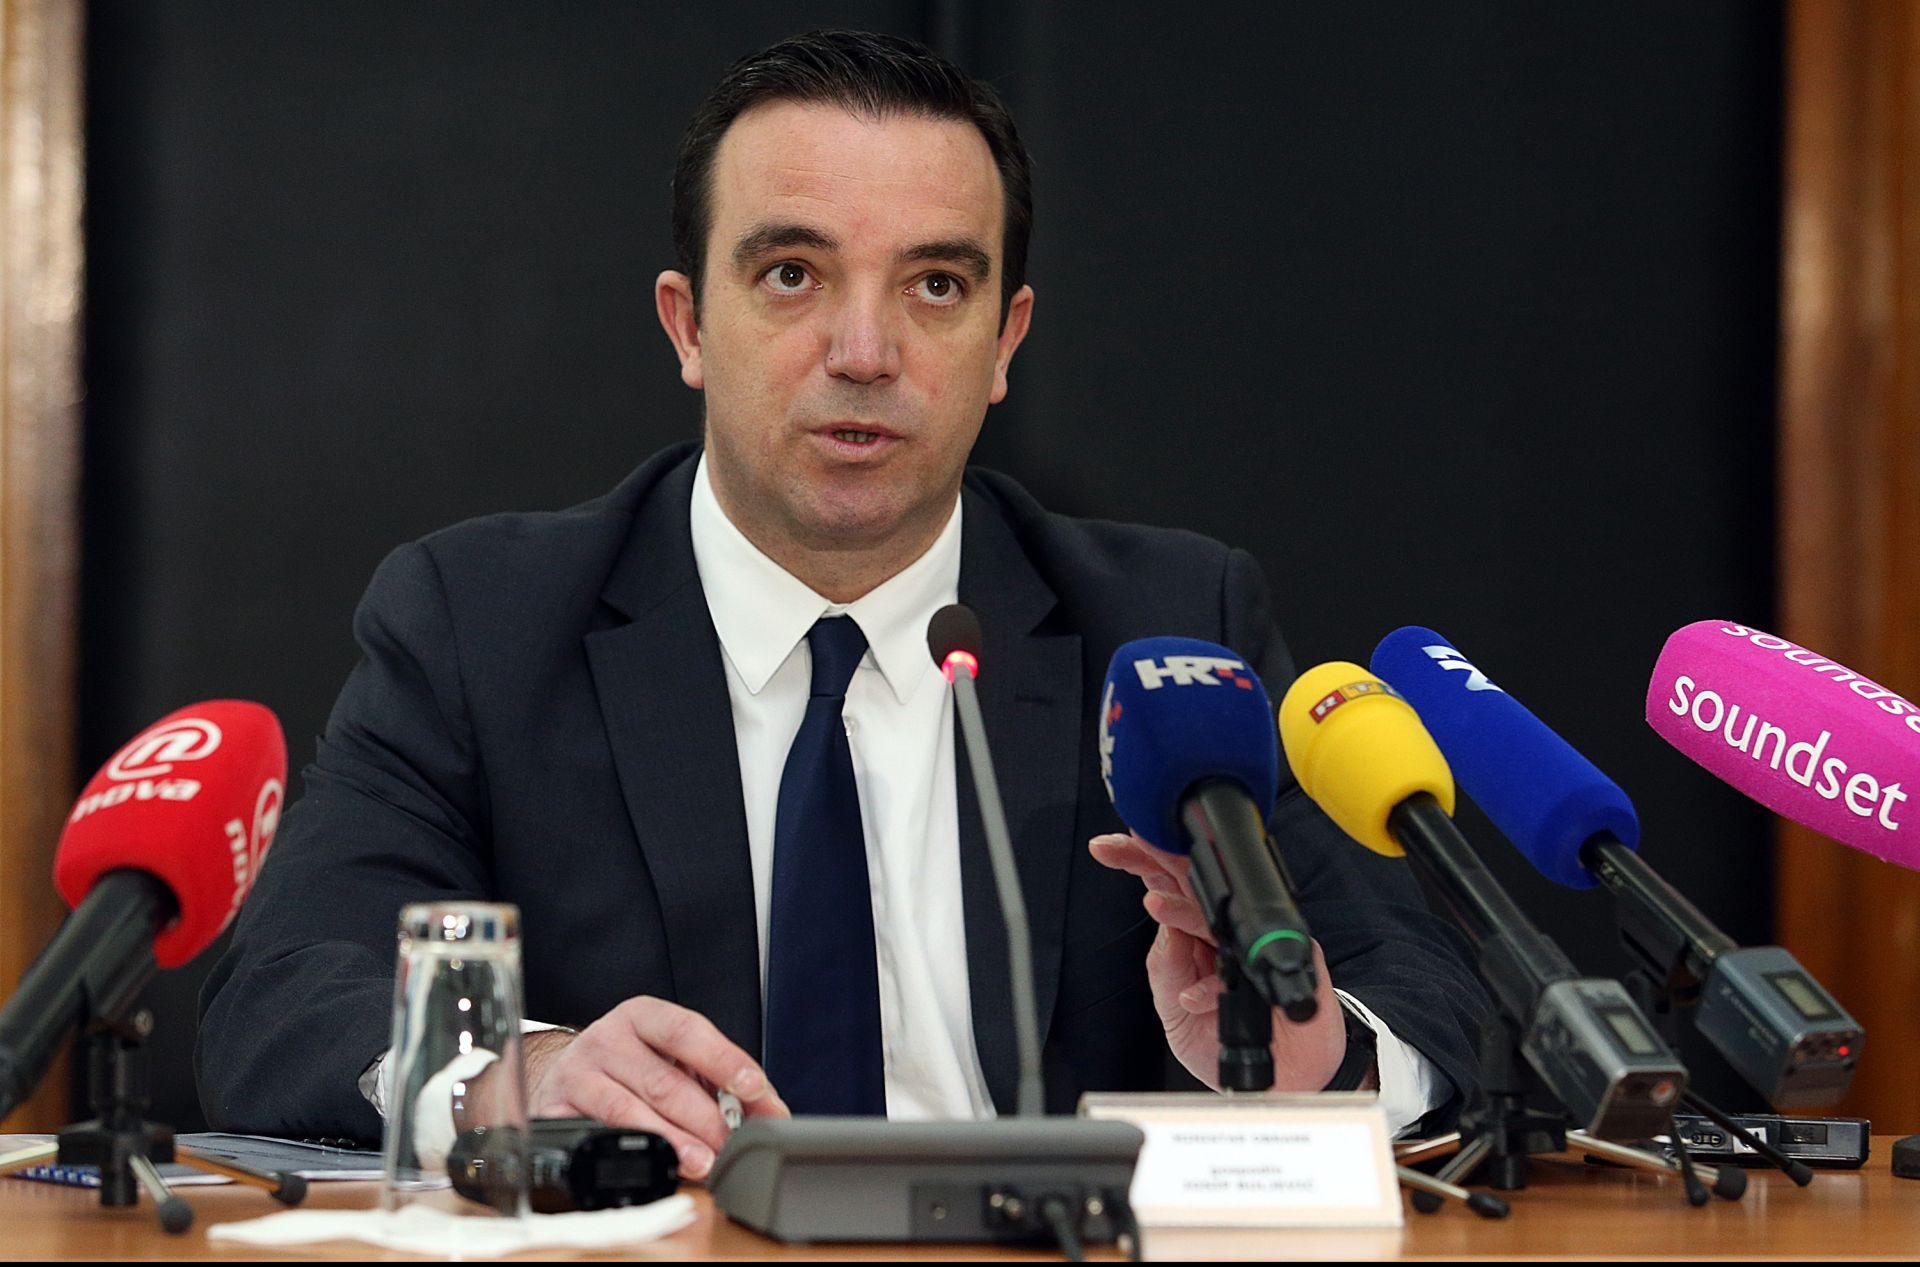 Ministar Buljević: Ako Srbija ne bude poštovala dogovoreno Hrvatska će to sankcionirati